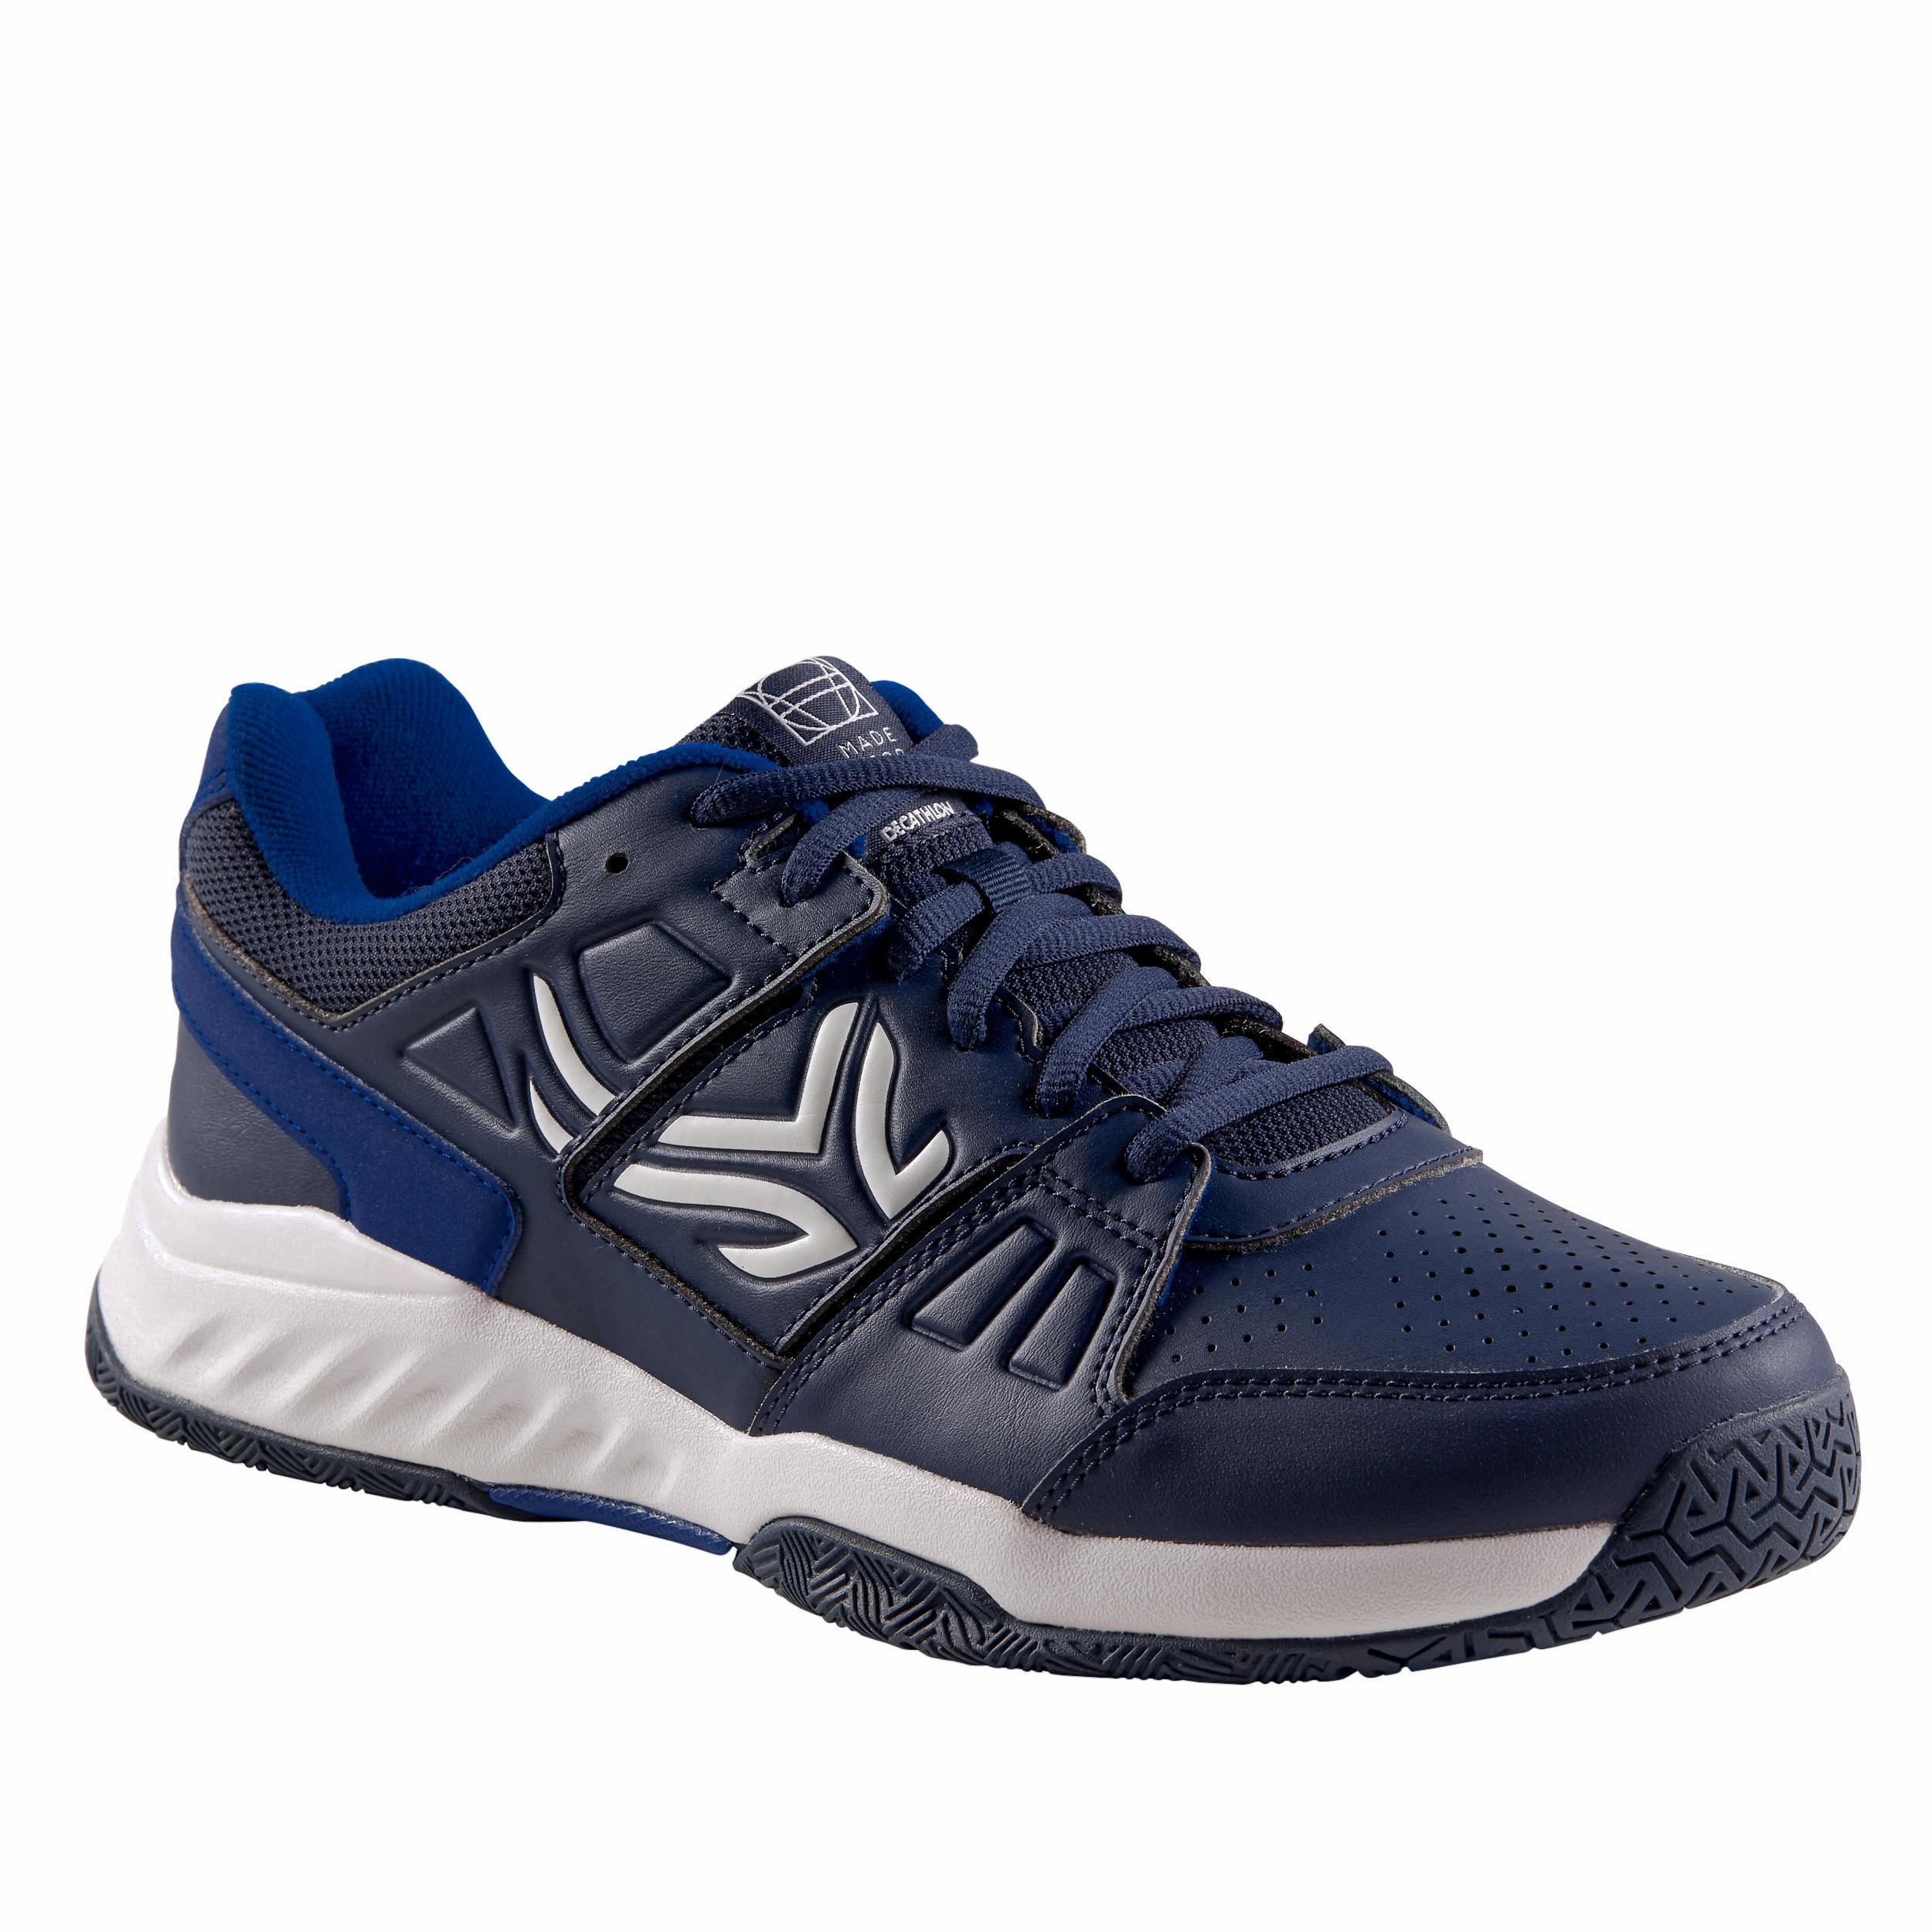 zapatillas mizuno hombre 2019 xs 99